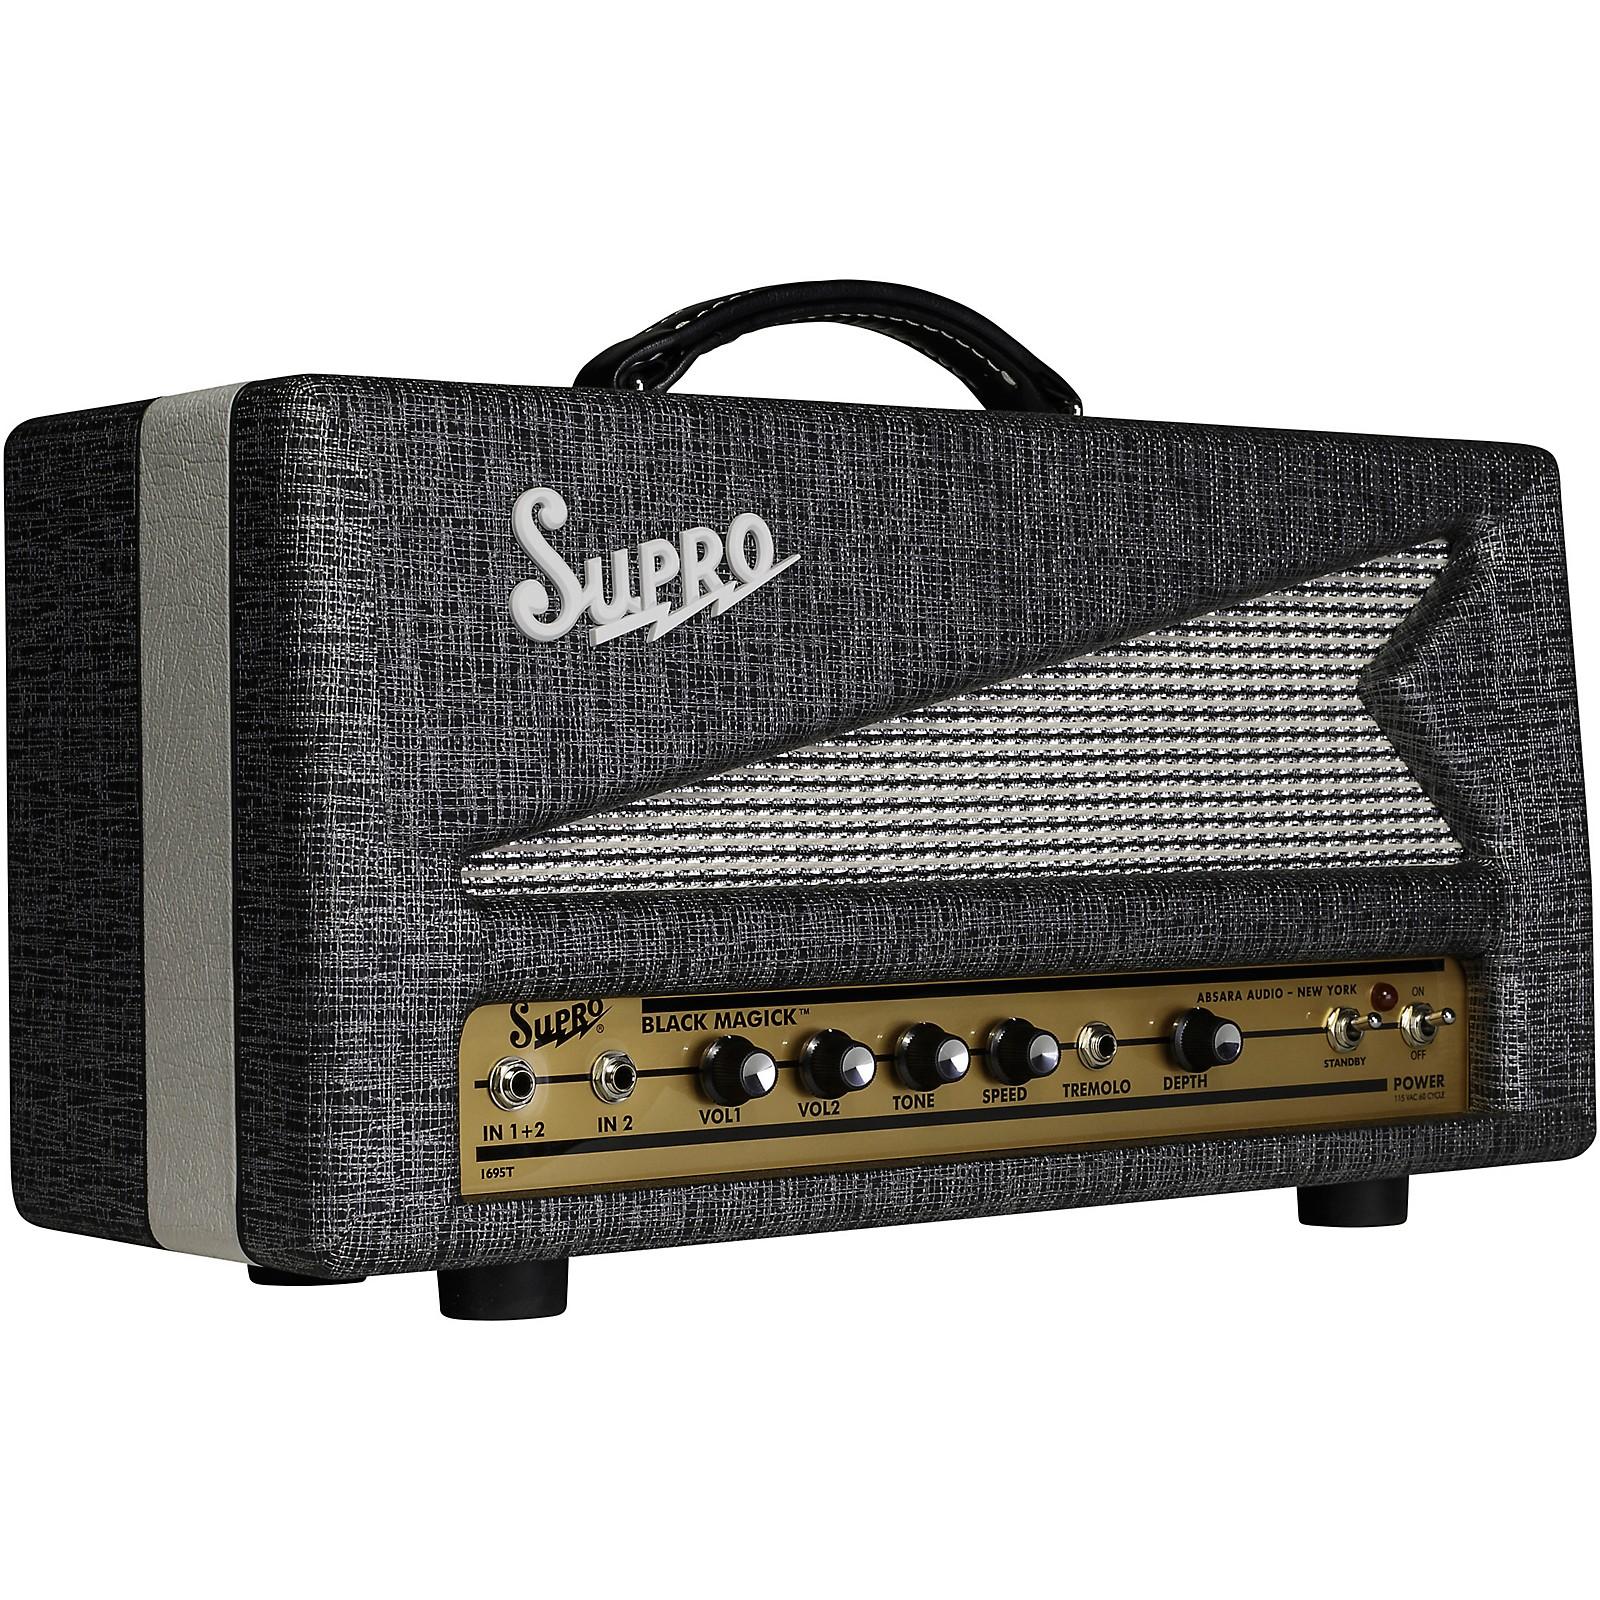 Open Box Supro Black Magick 25W Tube Guitar Amp Head